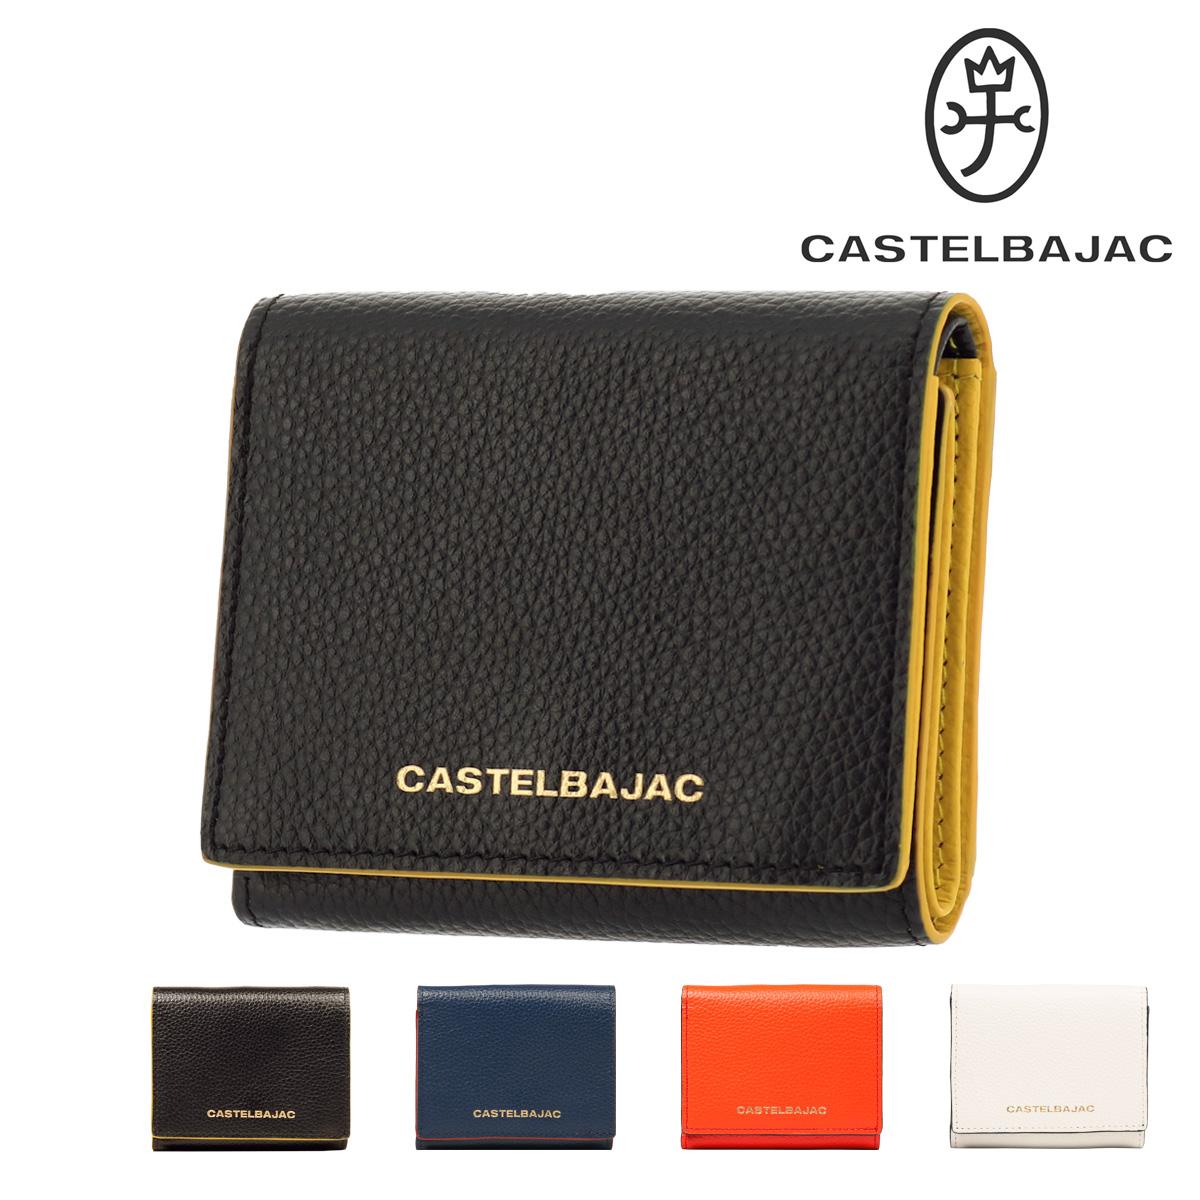 カステルバジャック 三つ折り財布 ミニ財布 オペラ メンズ 31603 CASTELBAJAC | 牛革 本革 レザー [PO10][bef]